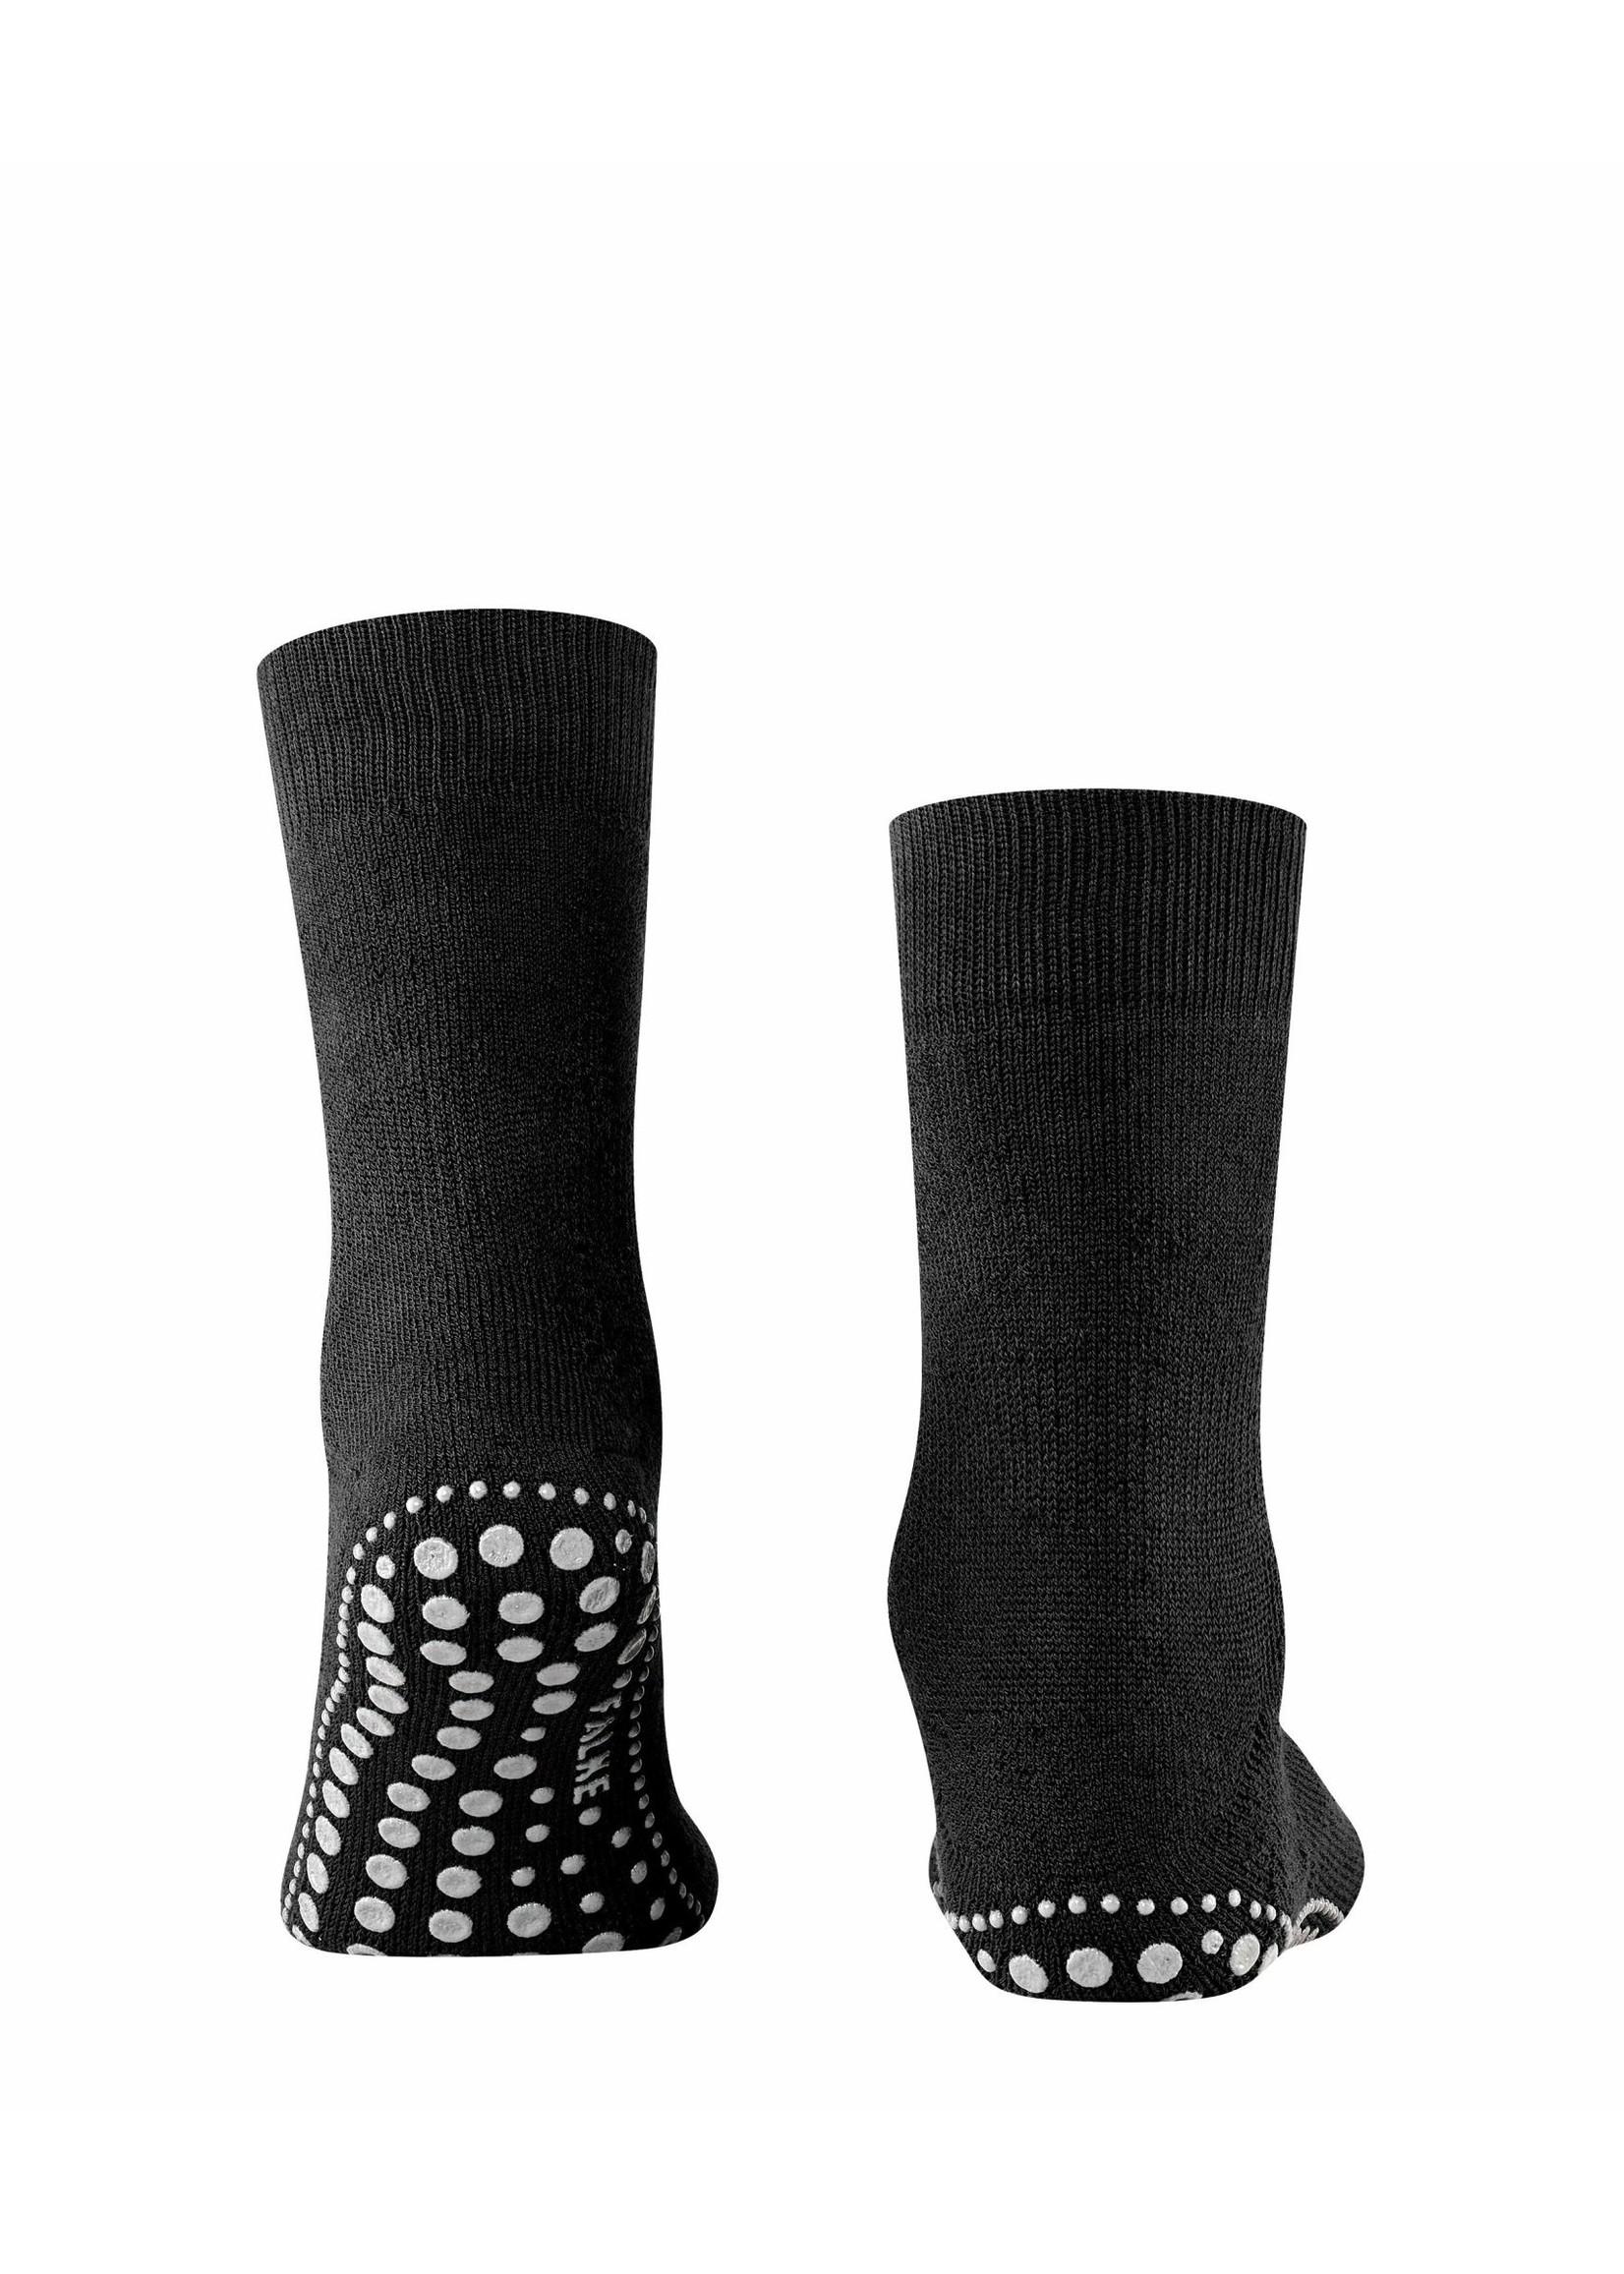 Falke Homepads stopper sokken zwart